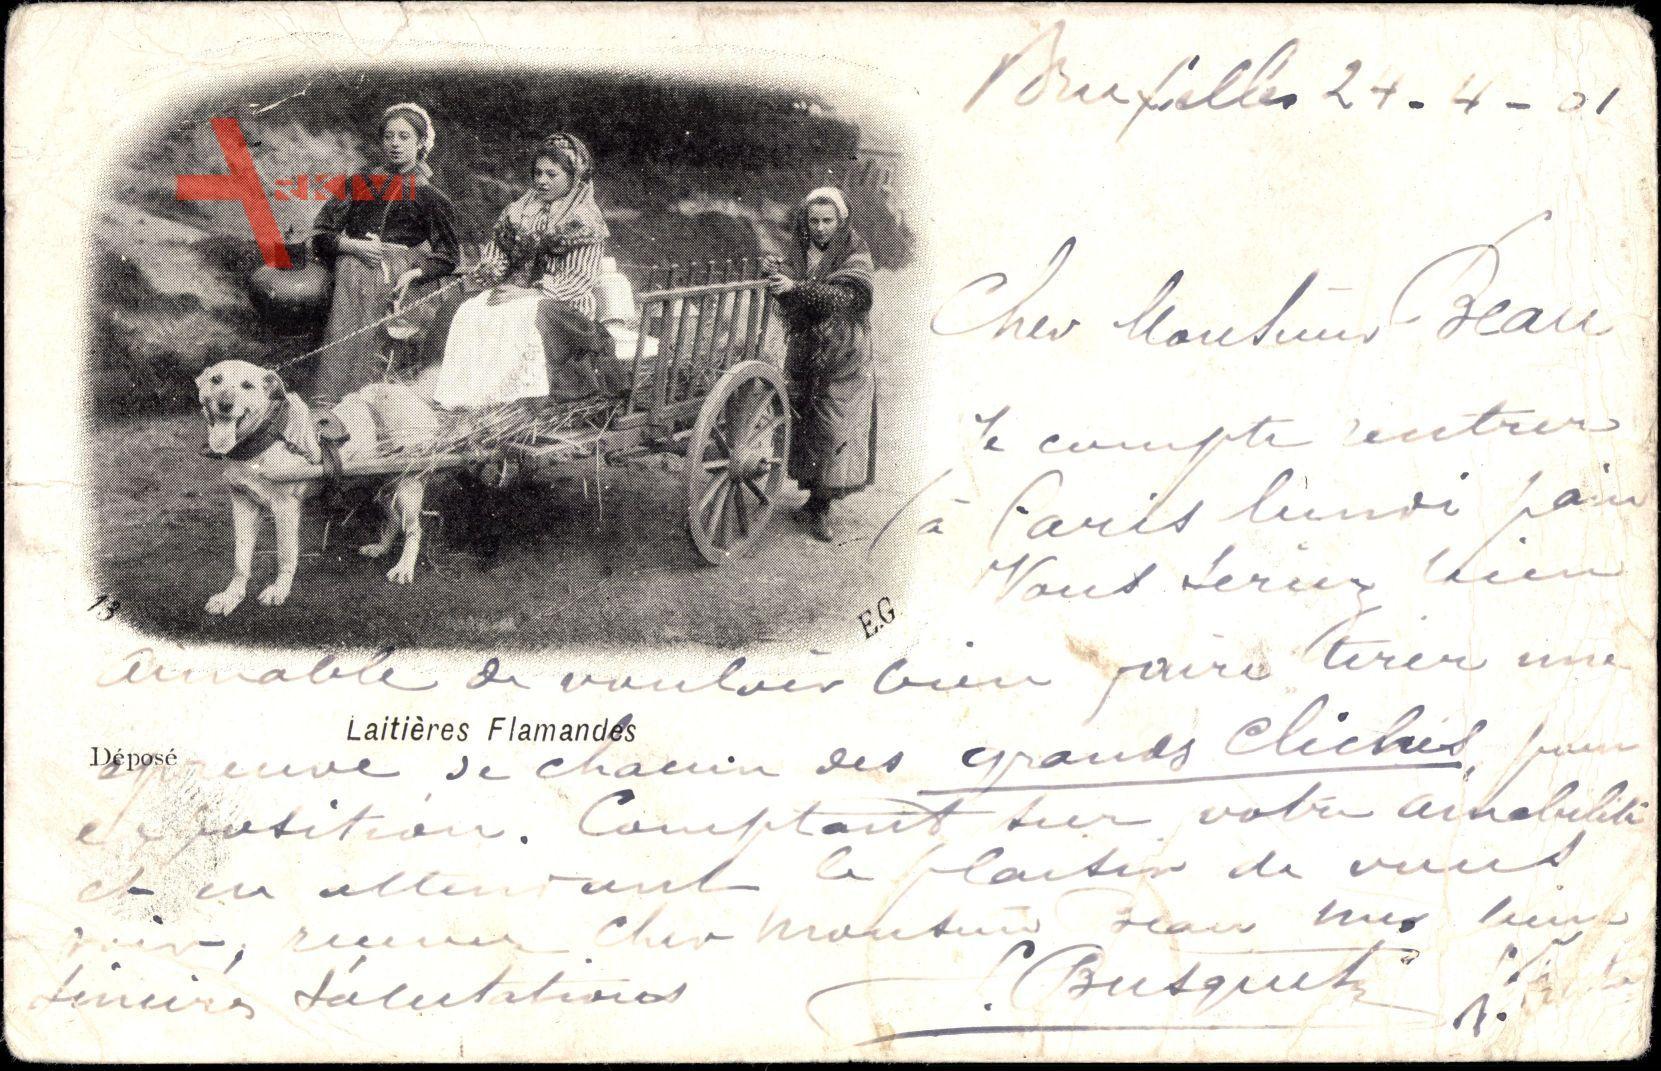 Belgien, Laitières Flamandes, Flämische Milchmädchen, Zughund